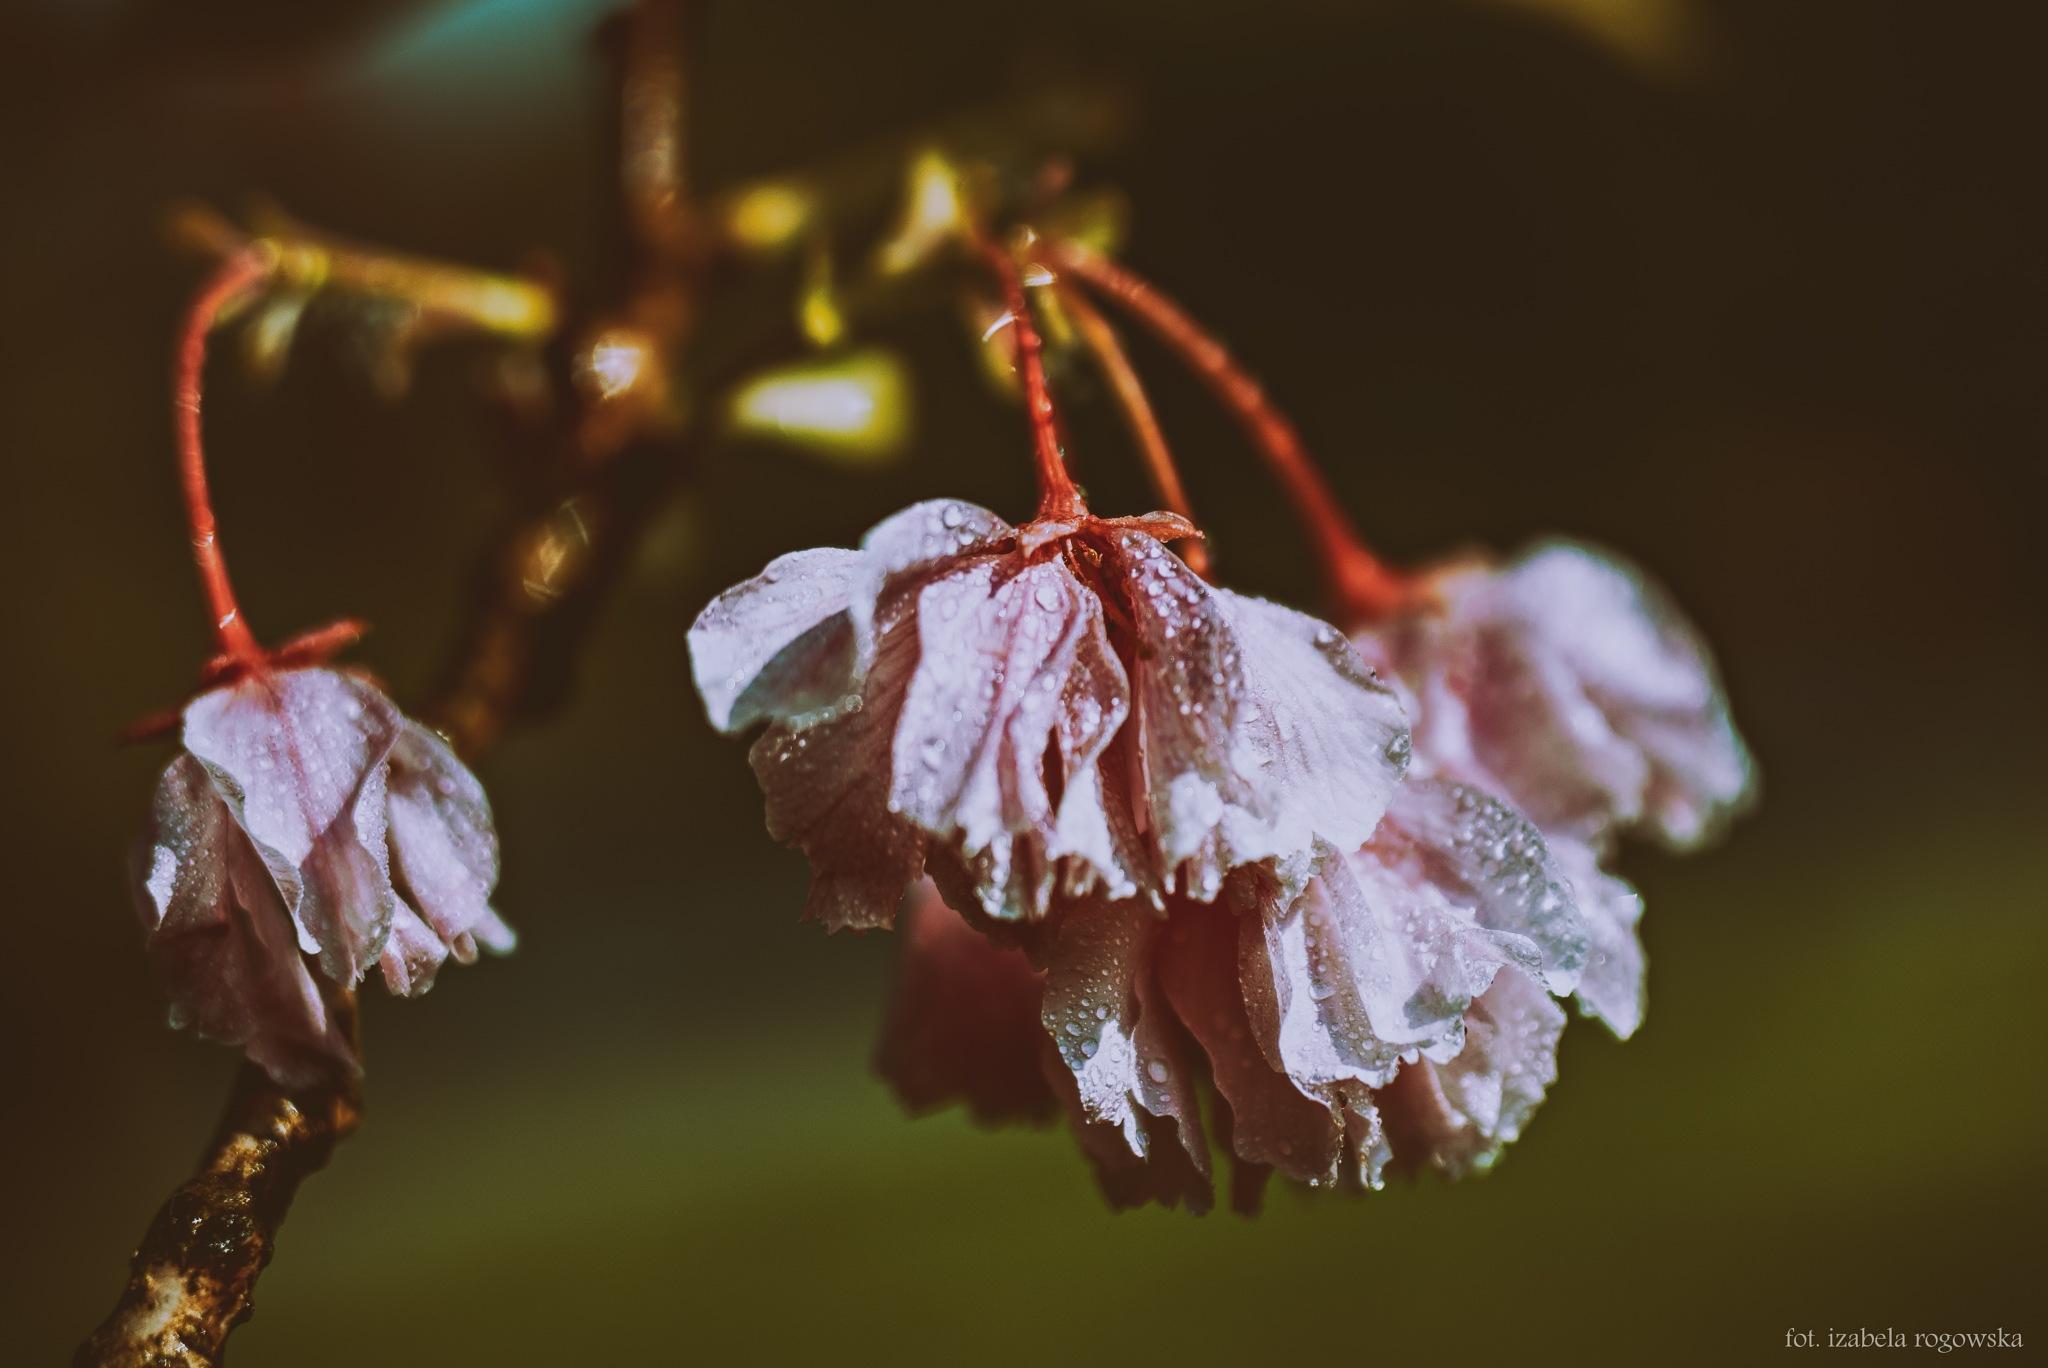 Tears on the petals by Izabela Rogowska